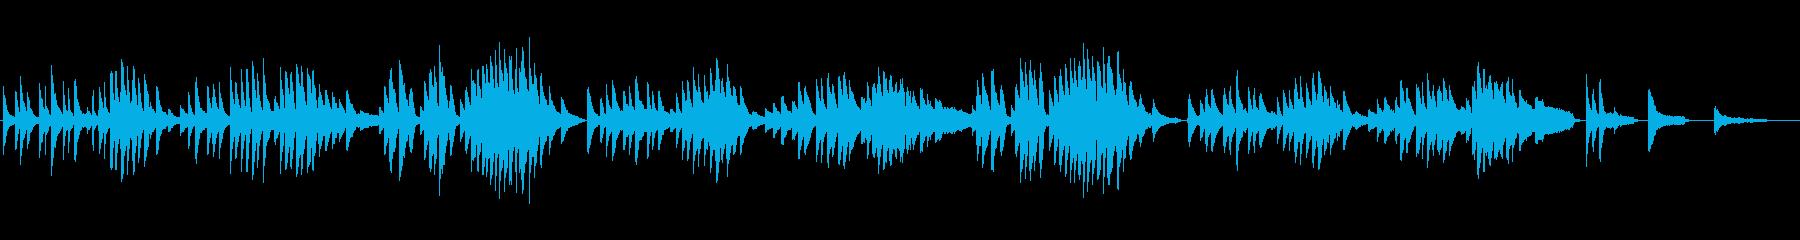 ノスタルジックなピアノ「故郷にて」の再生済みの波形